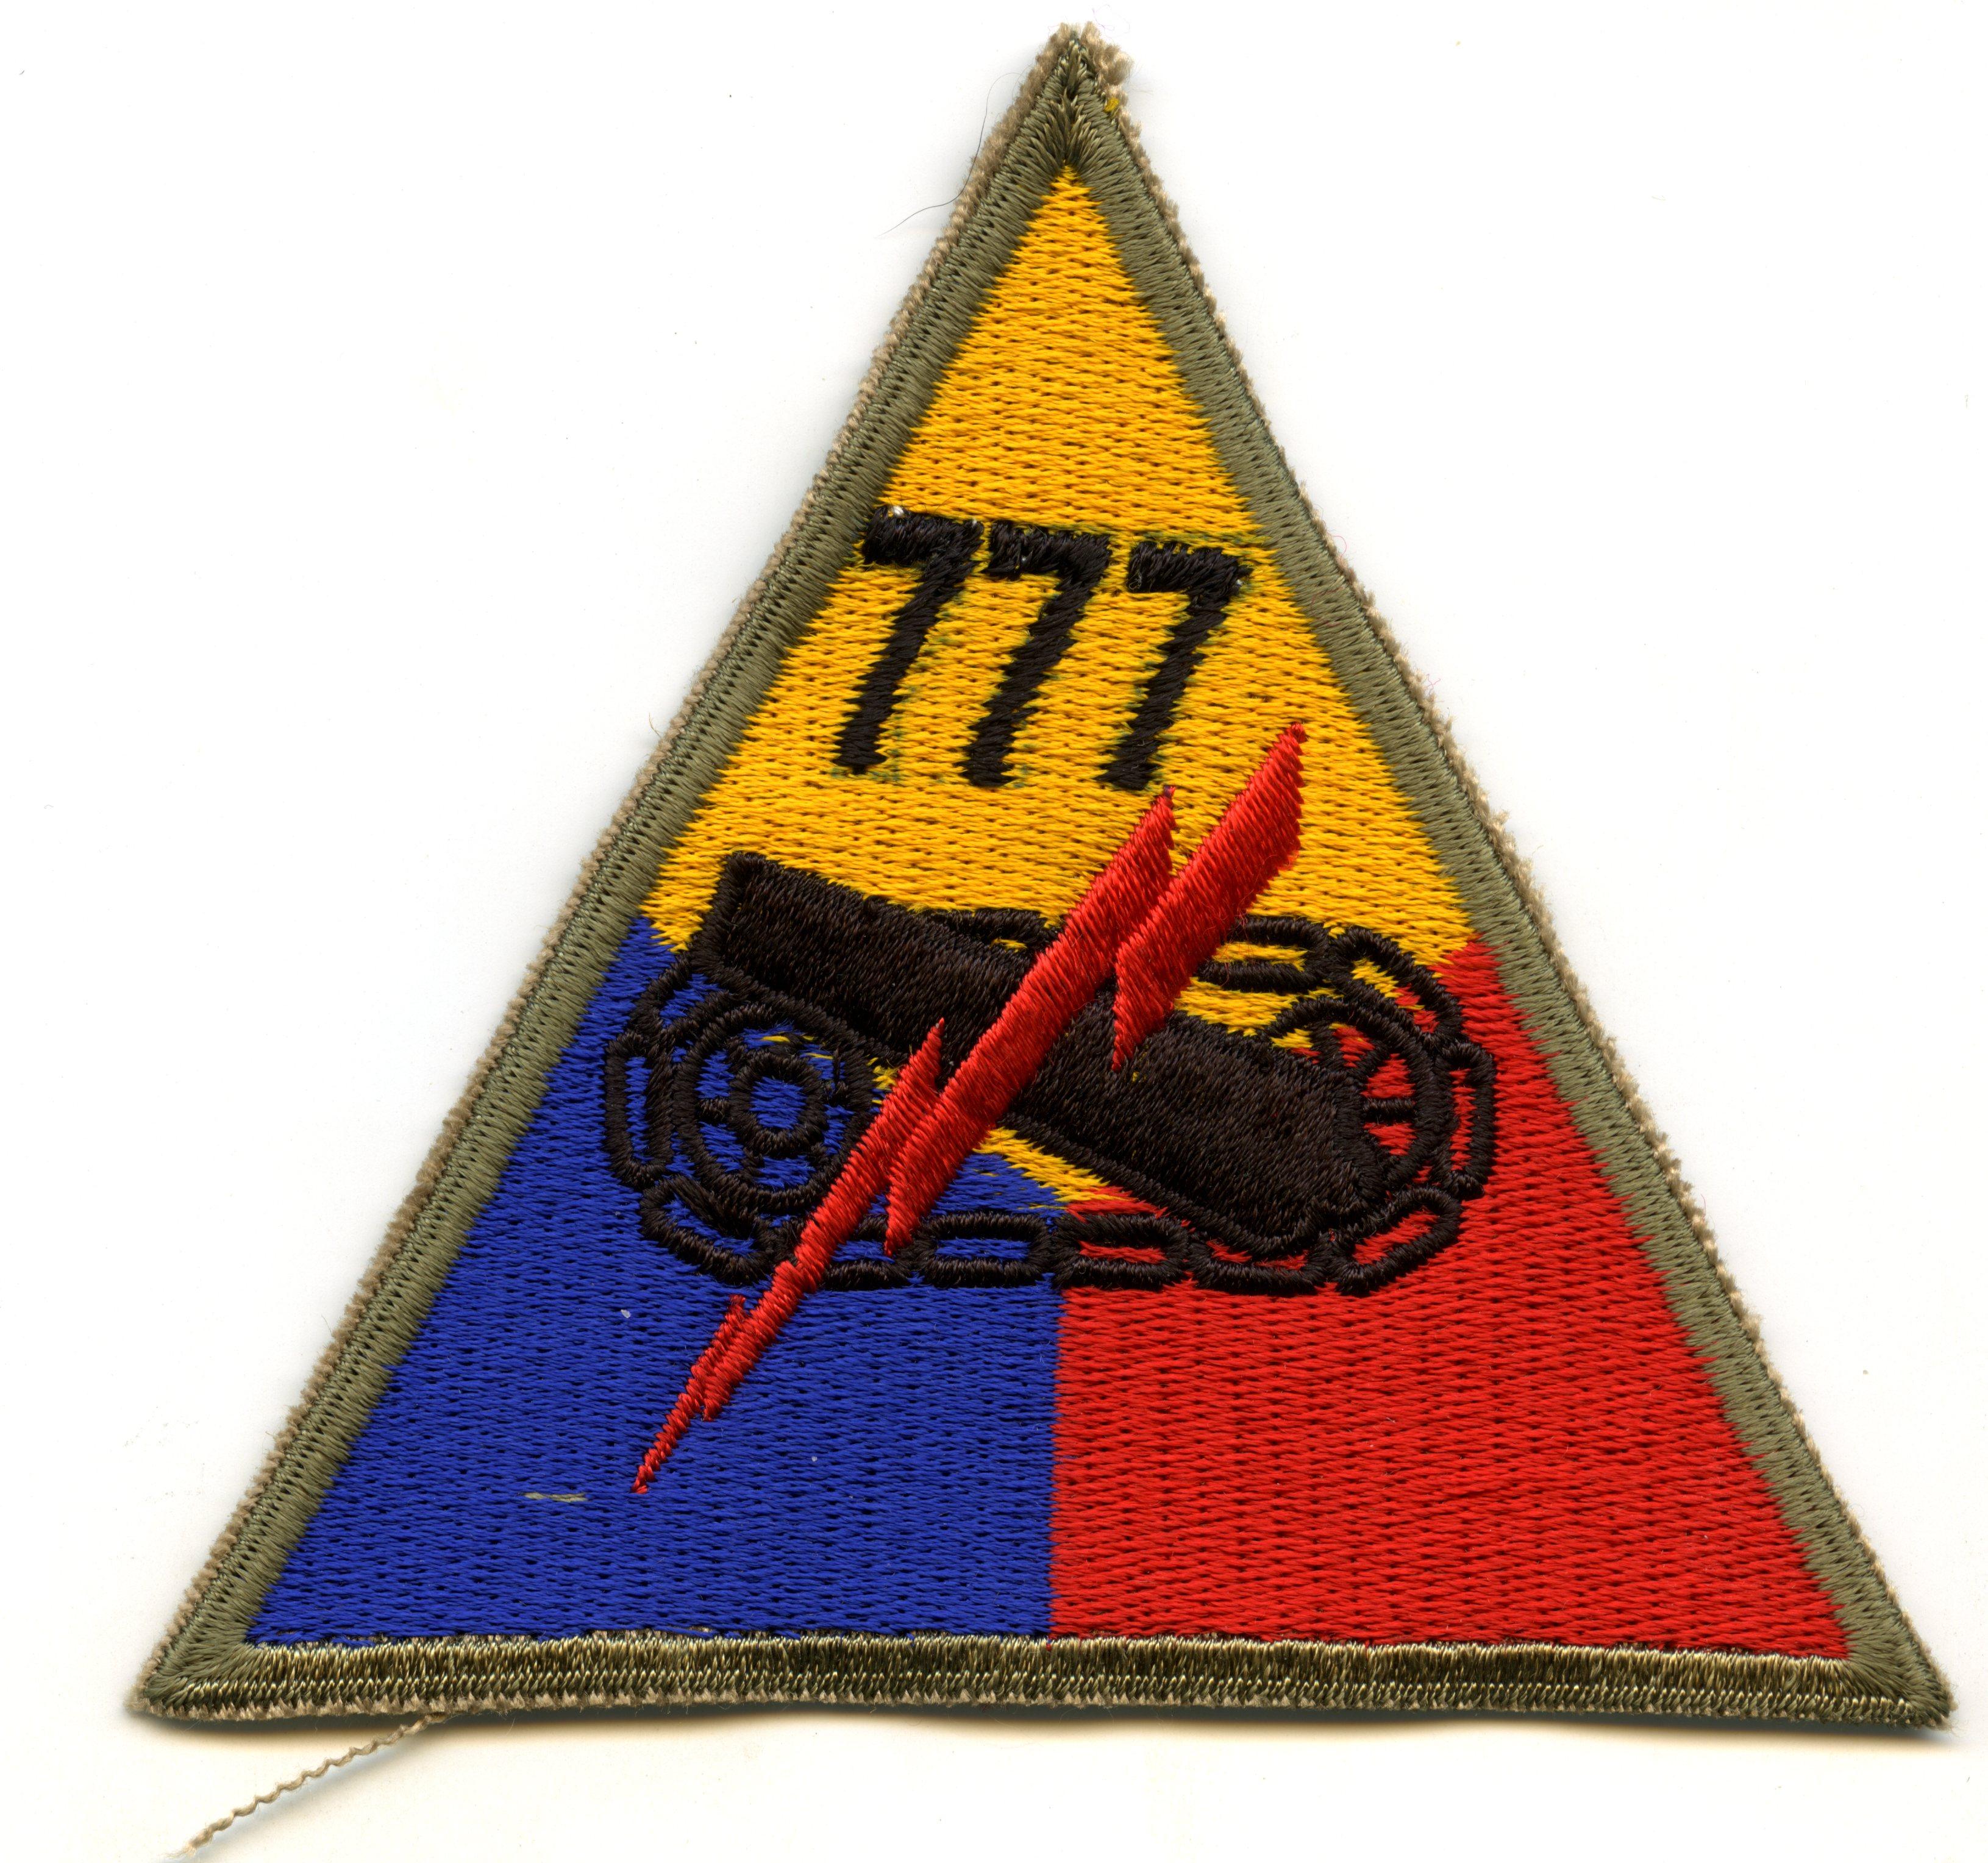 777th Bombardment Squadron